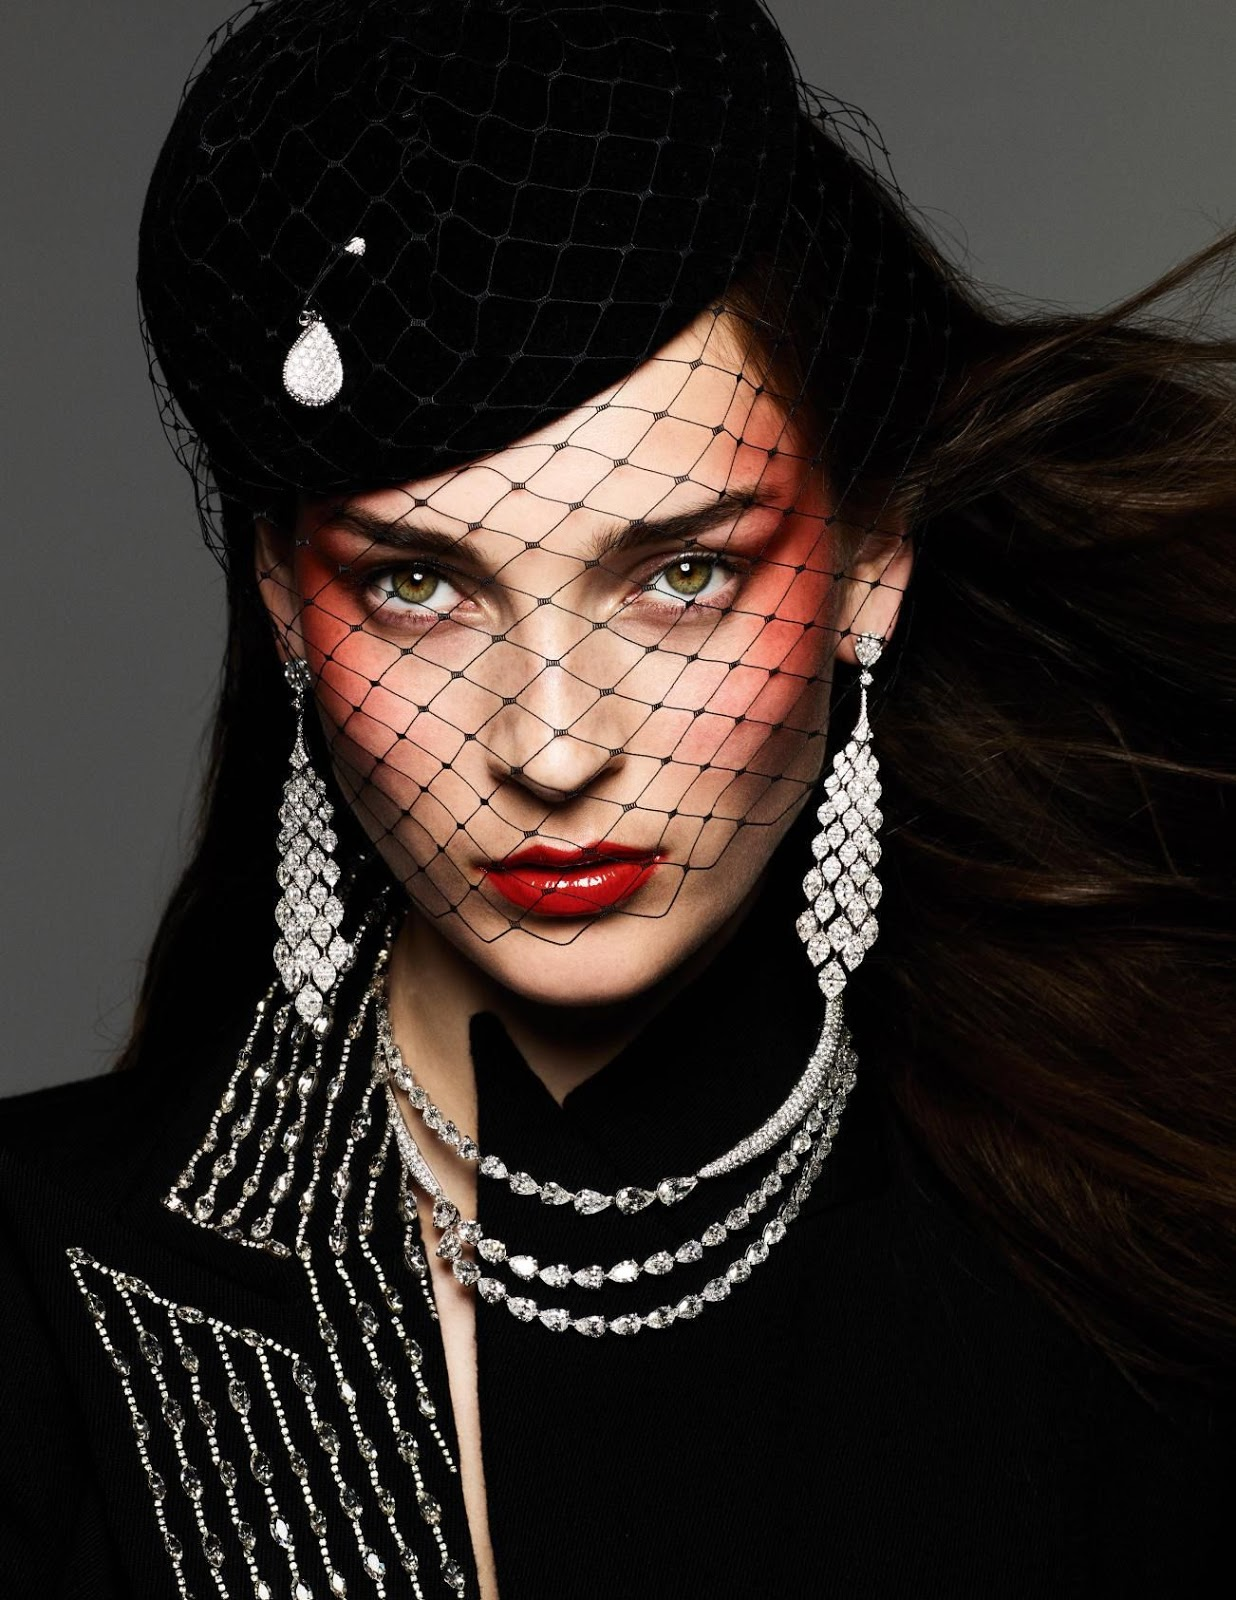 Julia Bergshoeff by Ben Hassett for Vogue Paris Sept 2019 (5).jpg